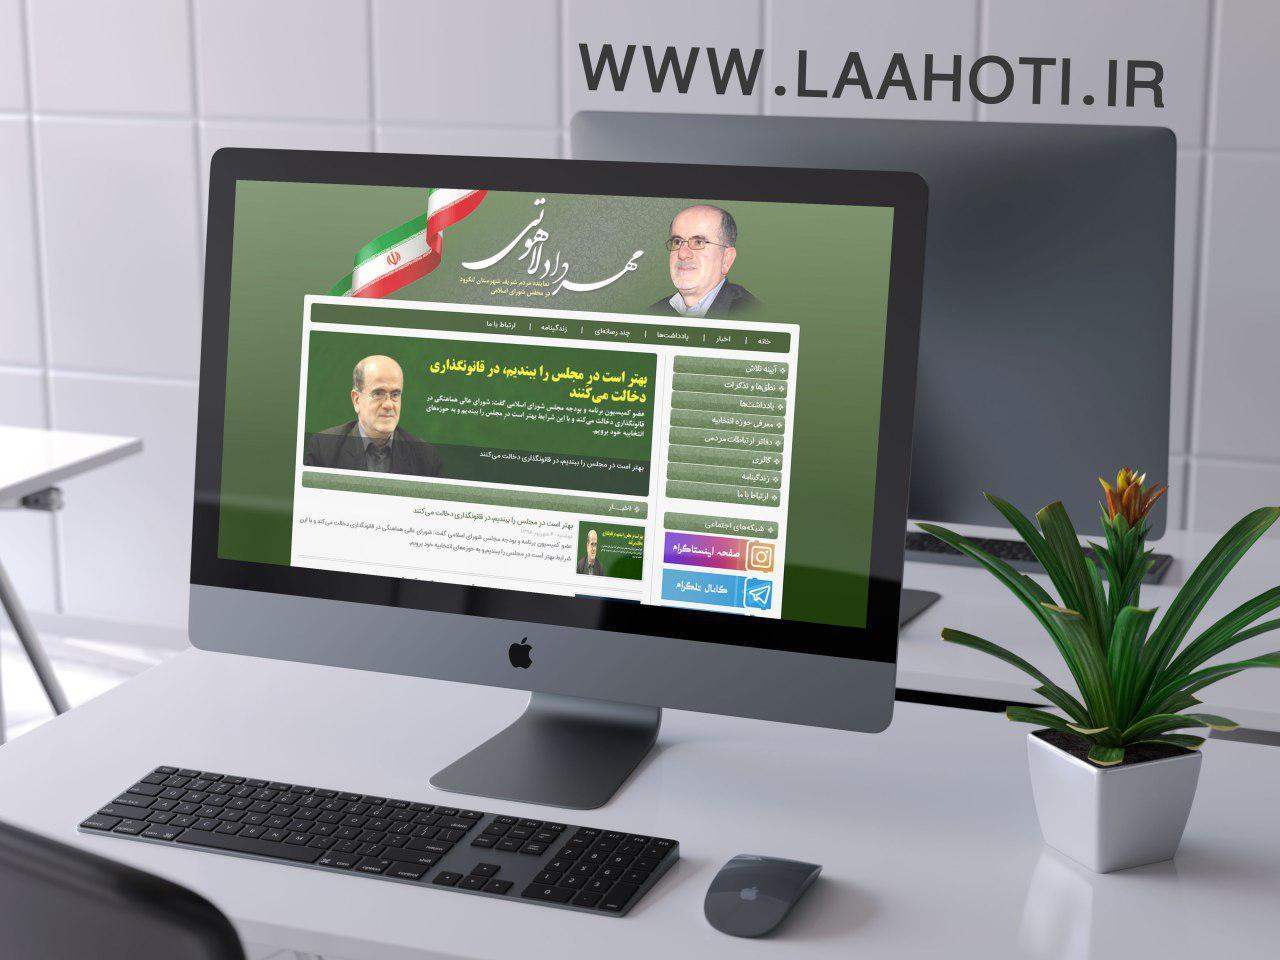 لاهوتی نماینده لنگرود - طراحی سایت مهندس لاهوتی نماینده لنگرود